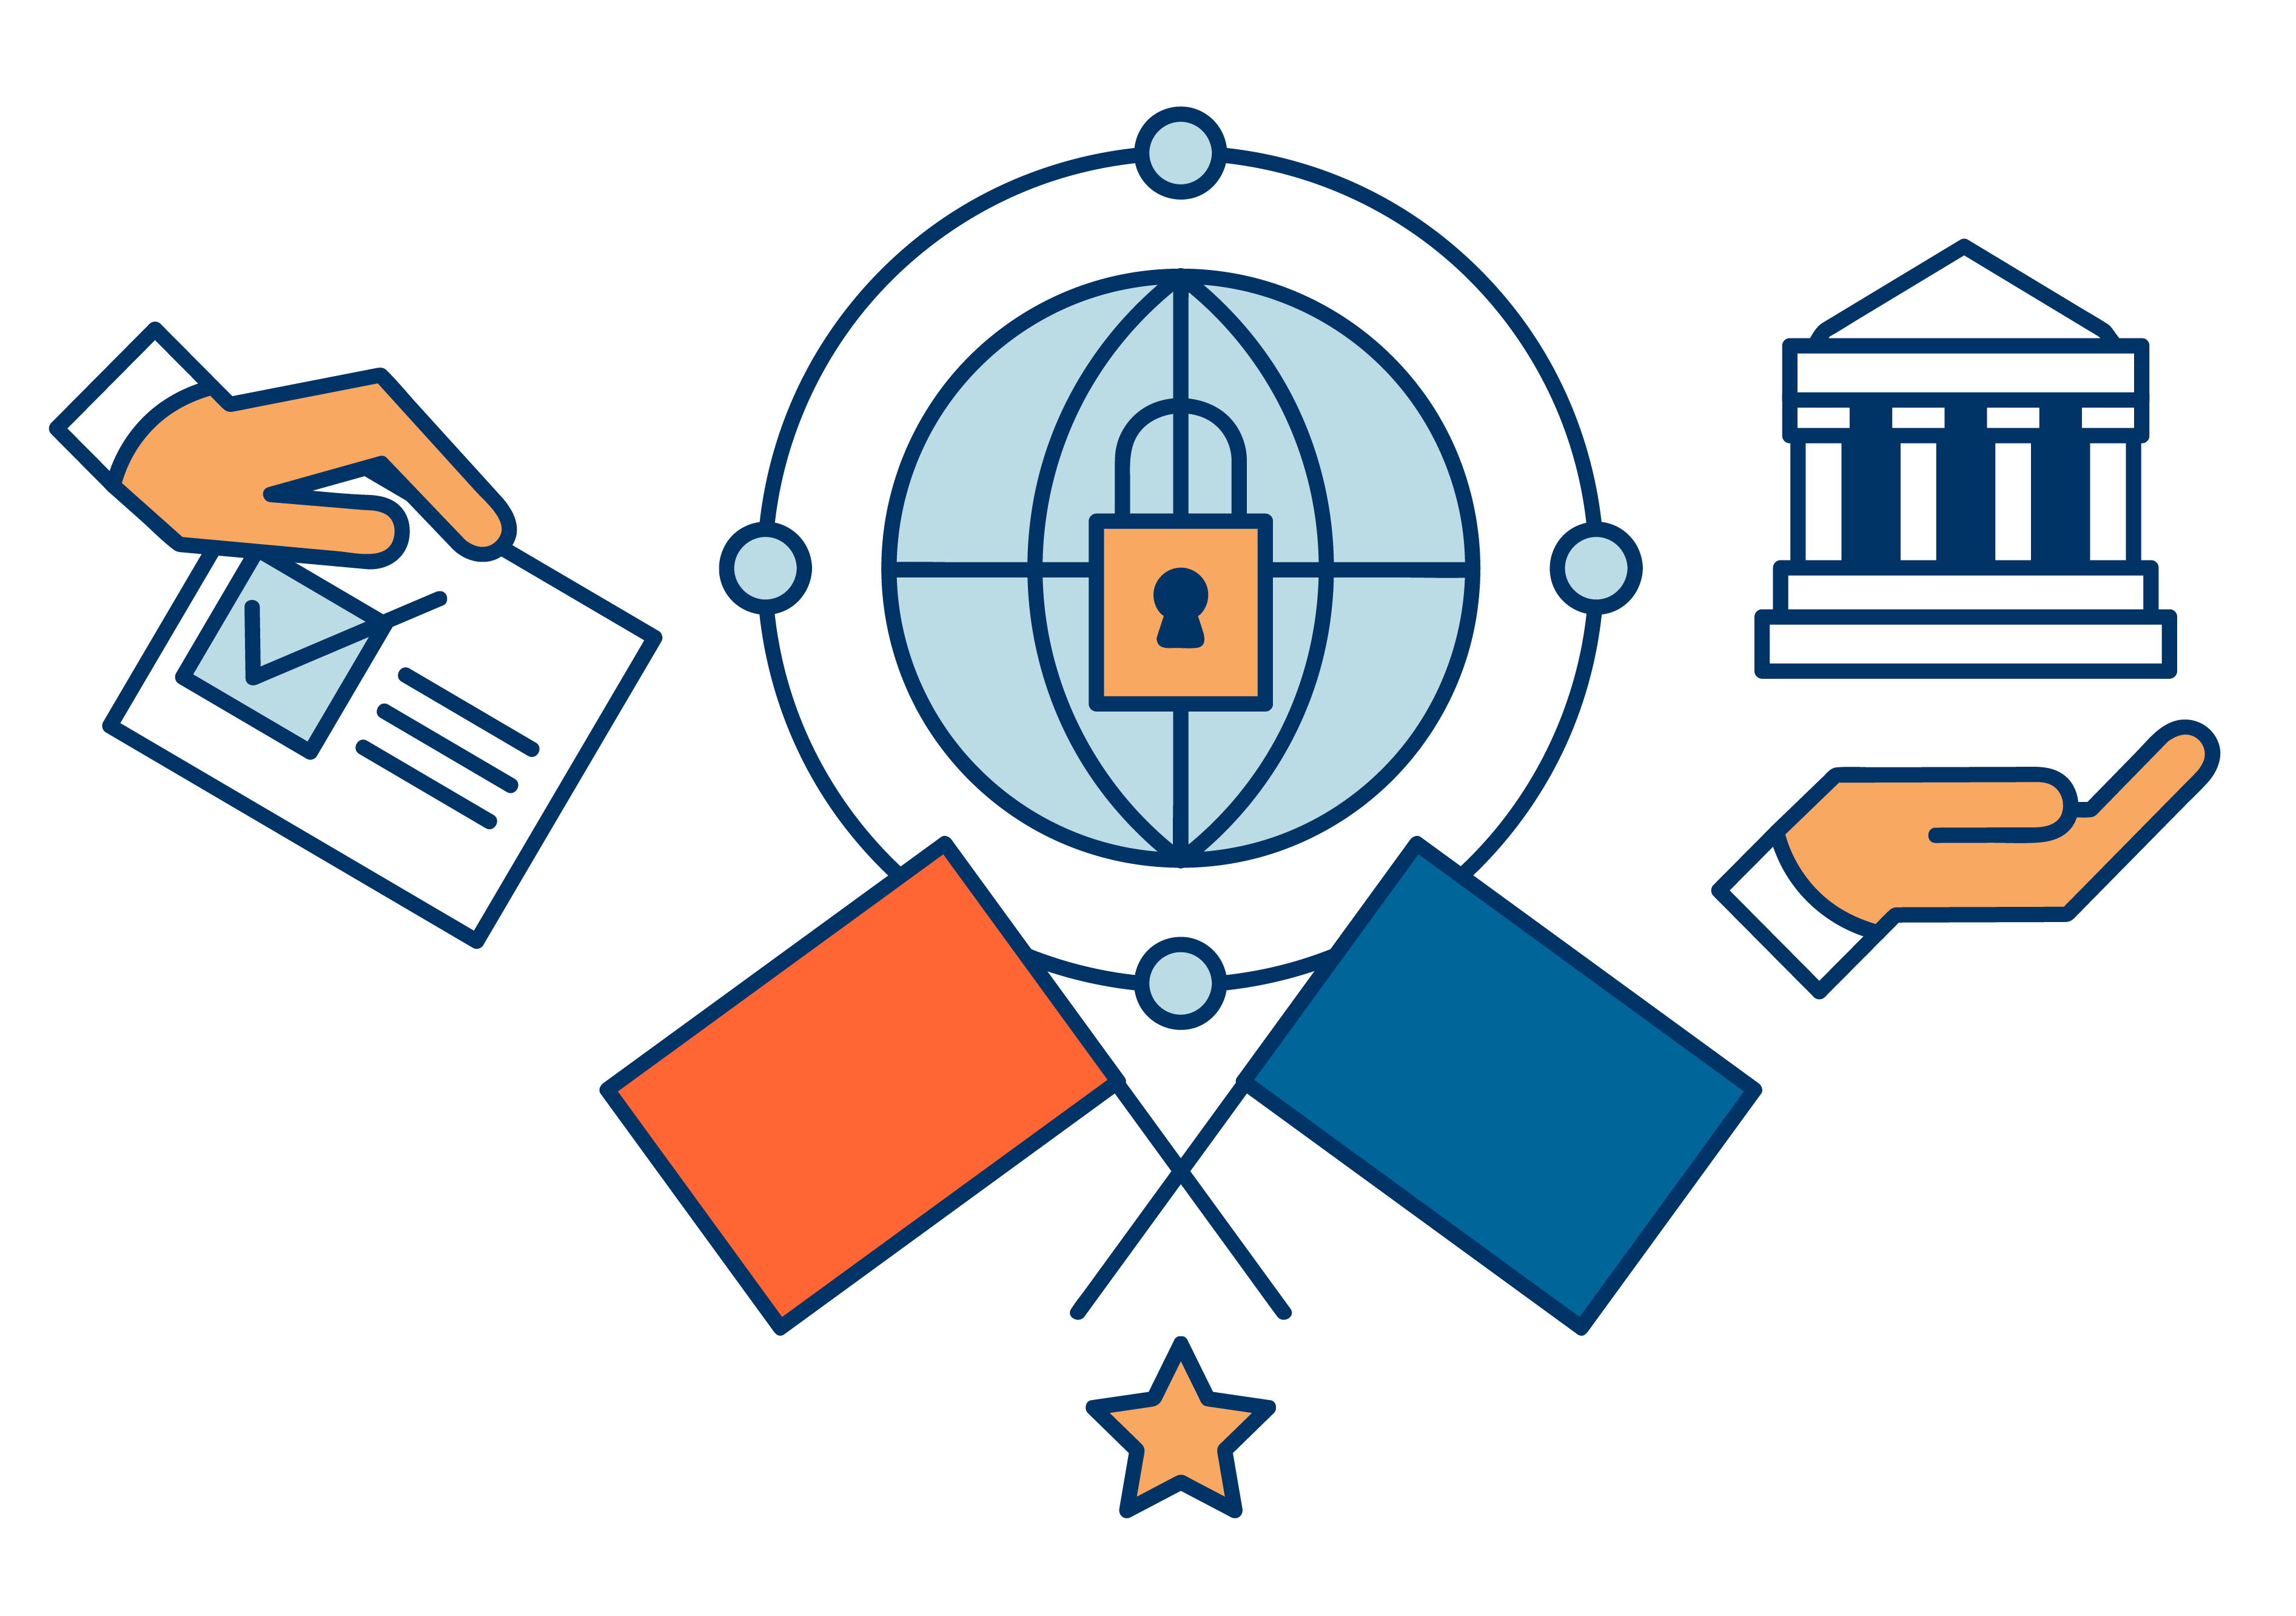 Stemmen doormiddel van blockchain technologie